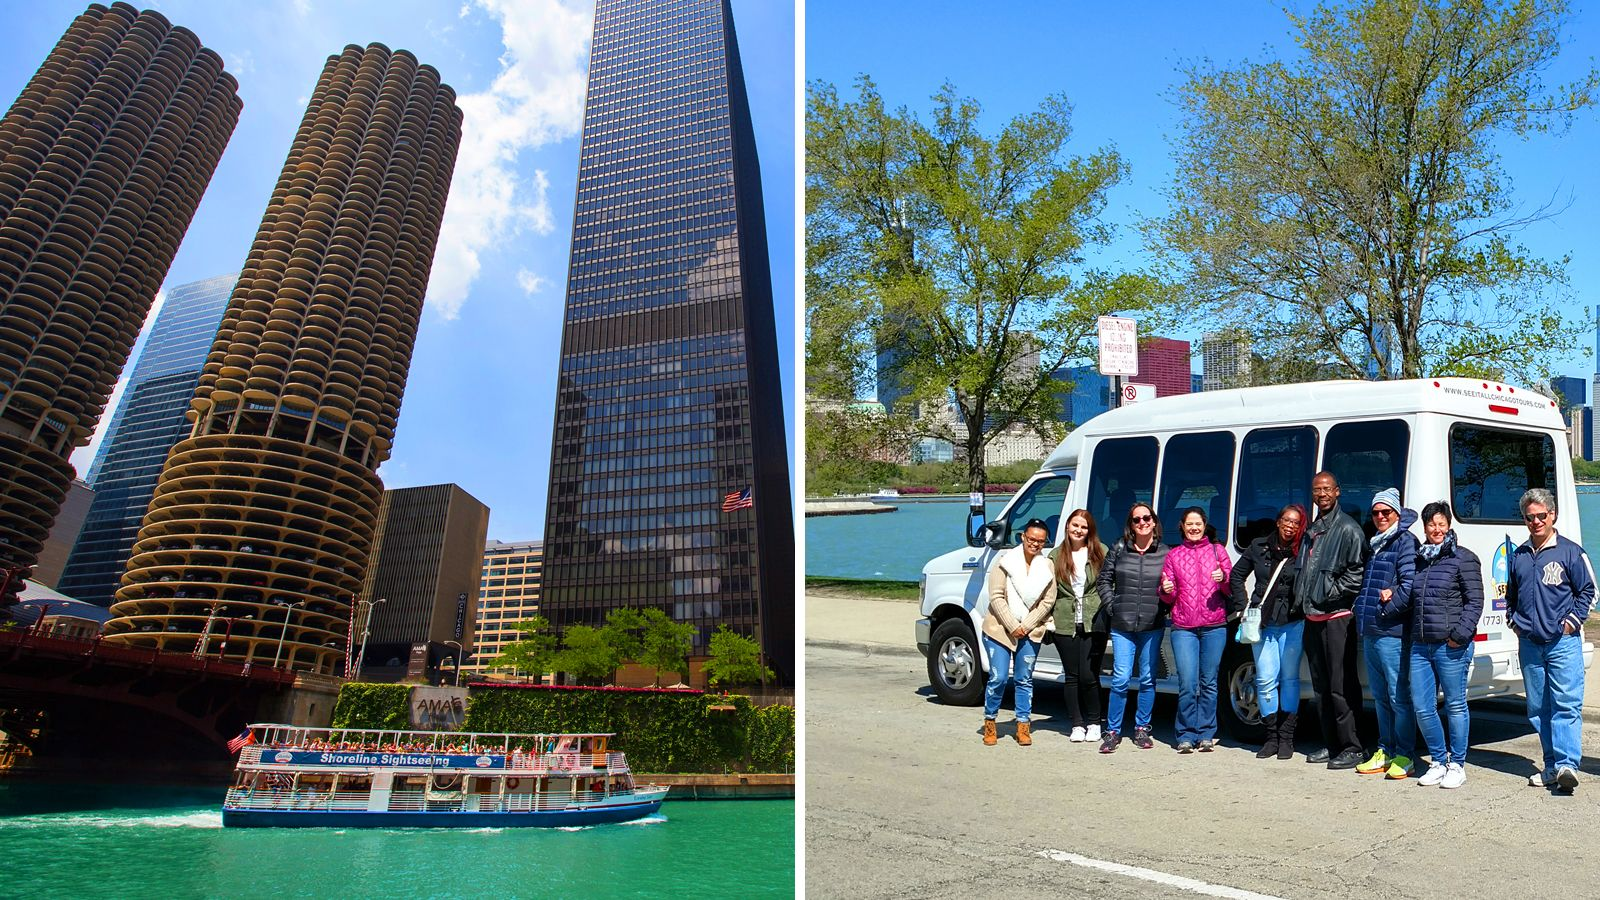 Visita en minibús turístico con crucero fluvial por la arquitectura de Chic...